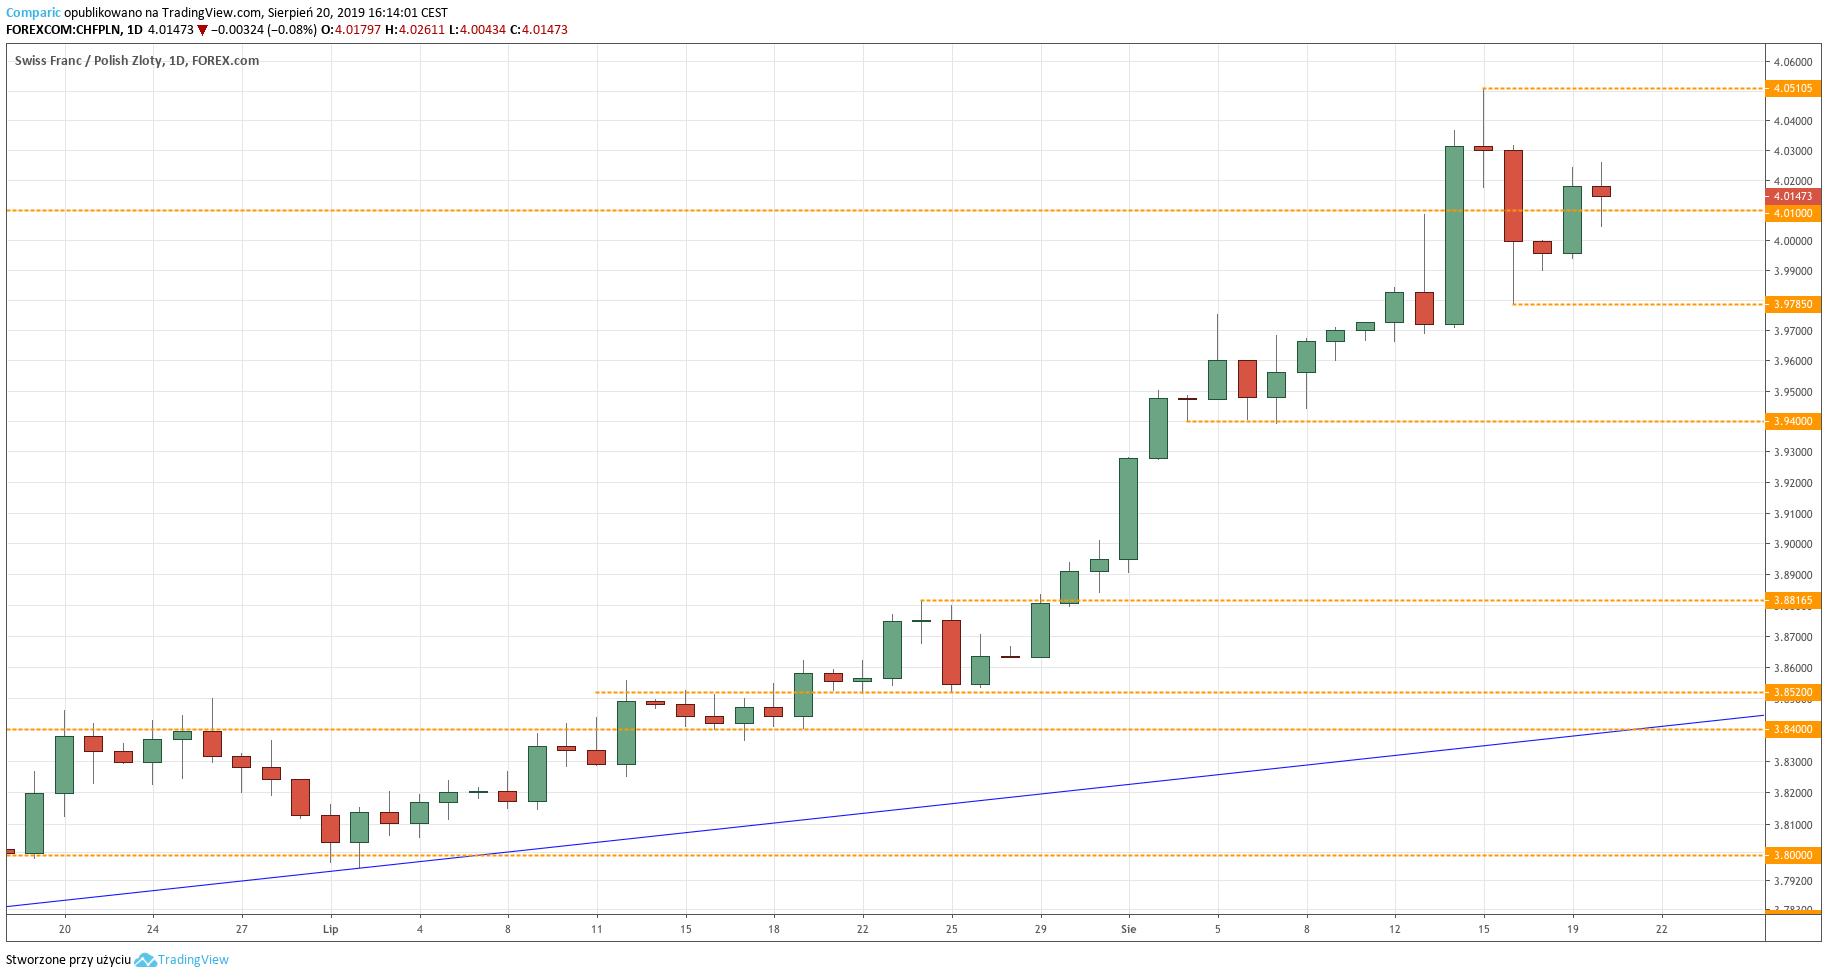 Kurs franka do złotego (CHFPLN) - wykres dzienny - 20 sierpnia 2019